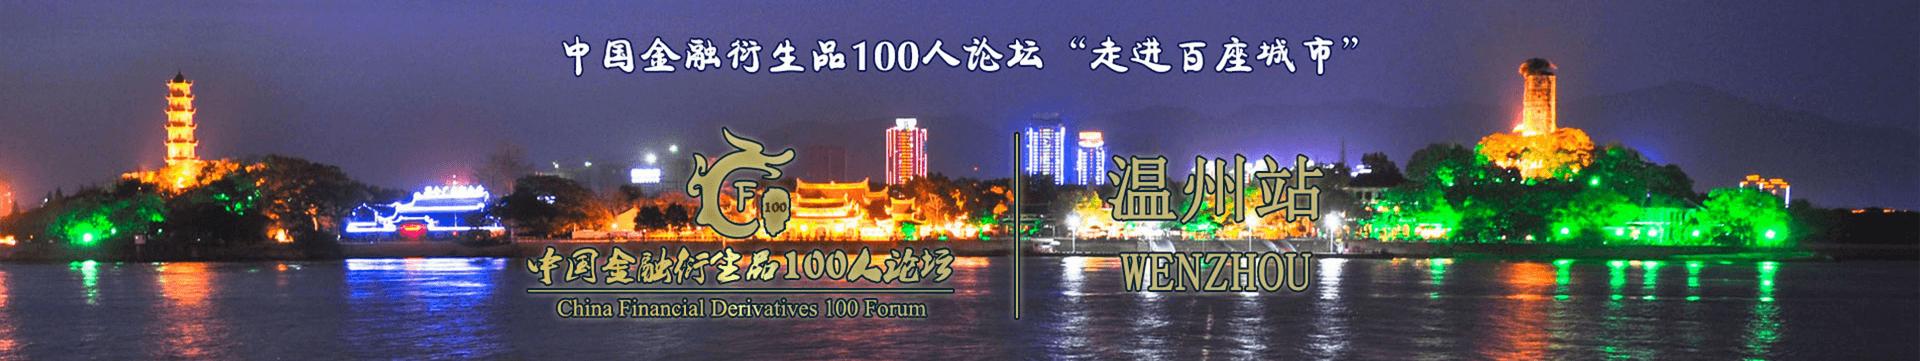 """2016 中国金融衍生品100人论坛""""走进全国百座城市""""温州站"""